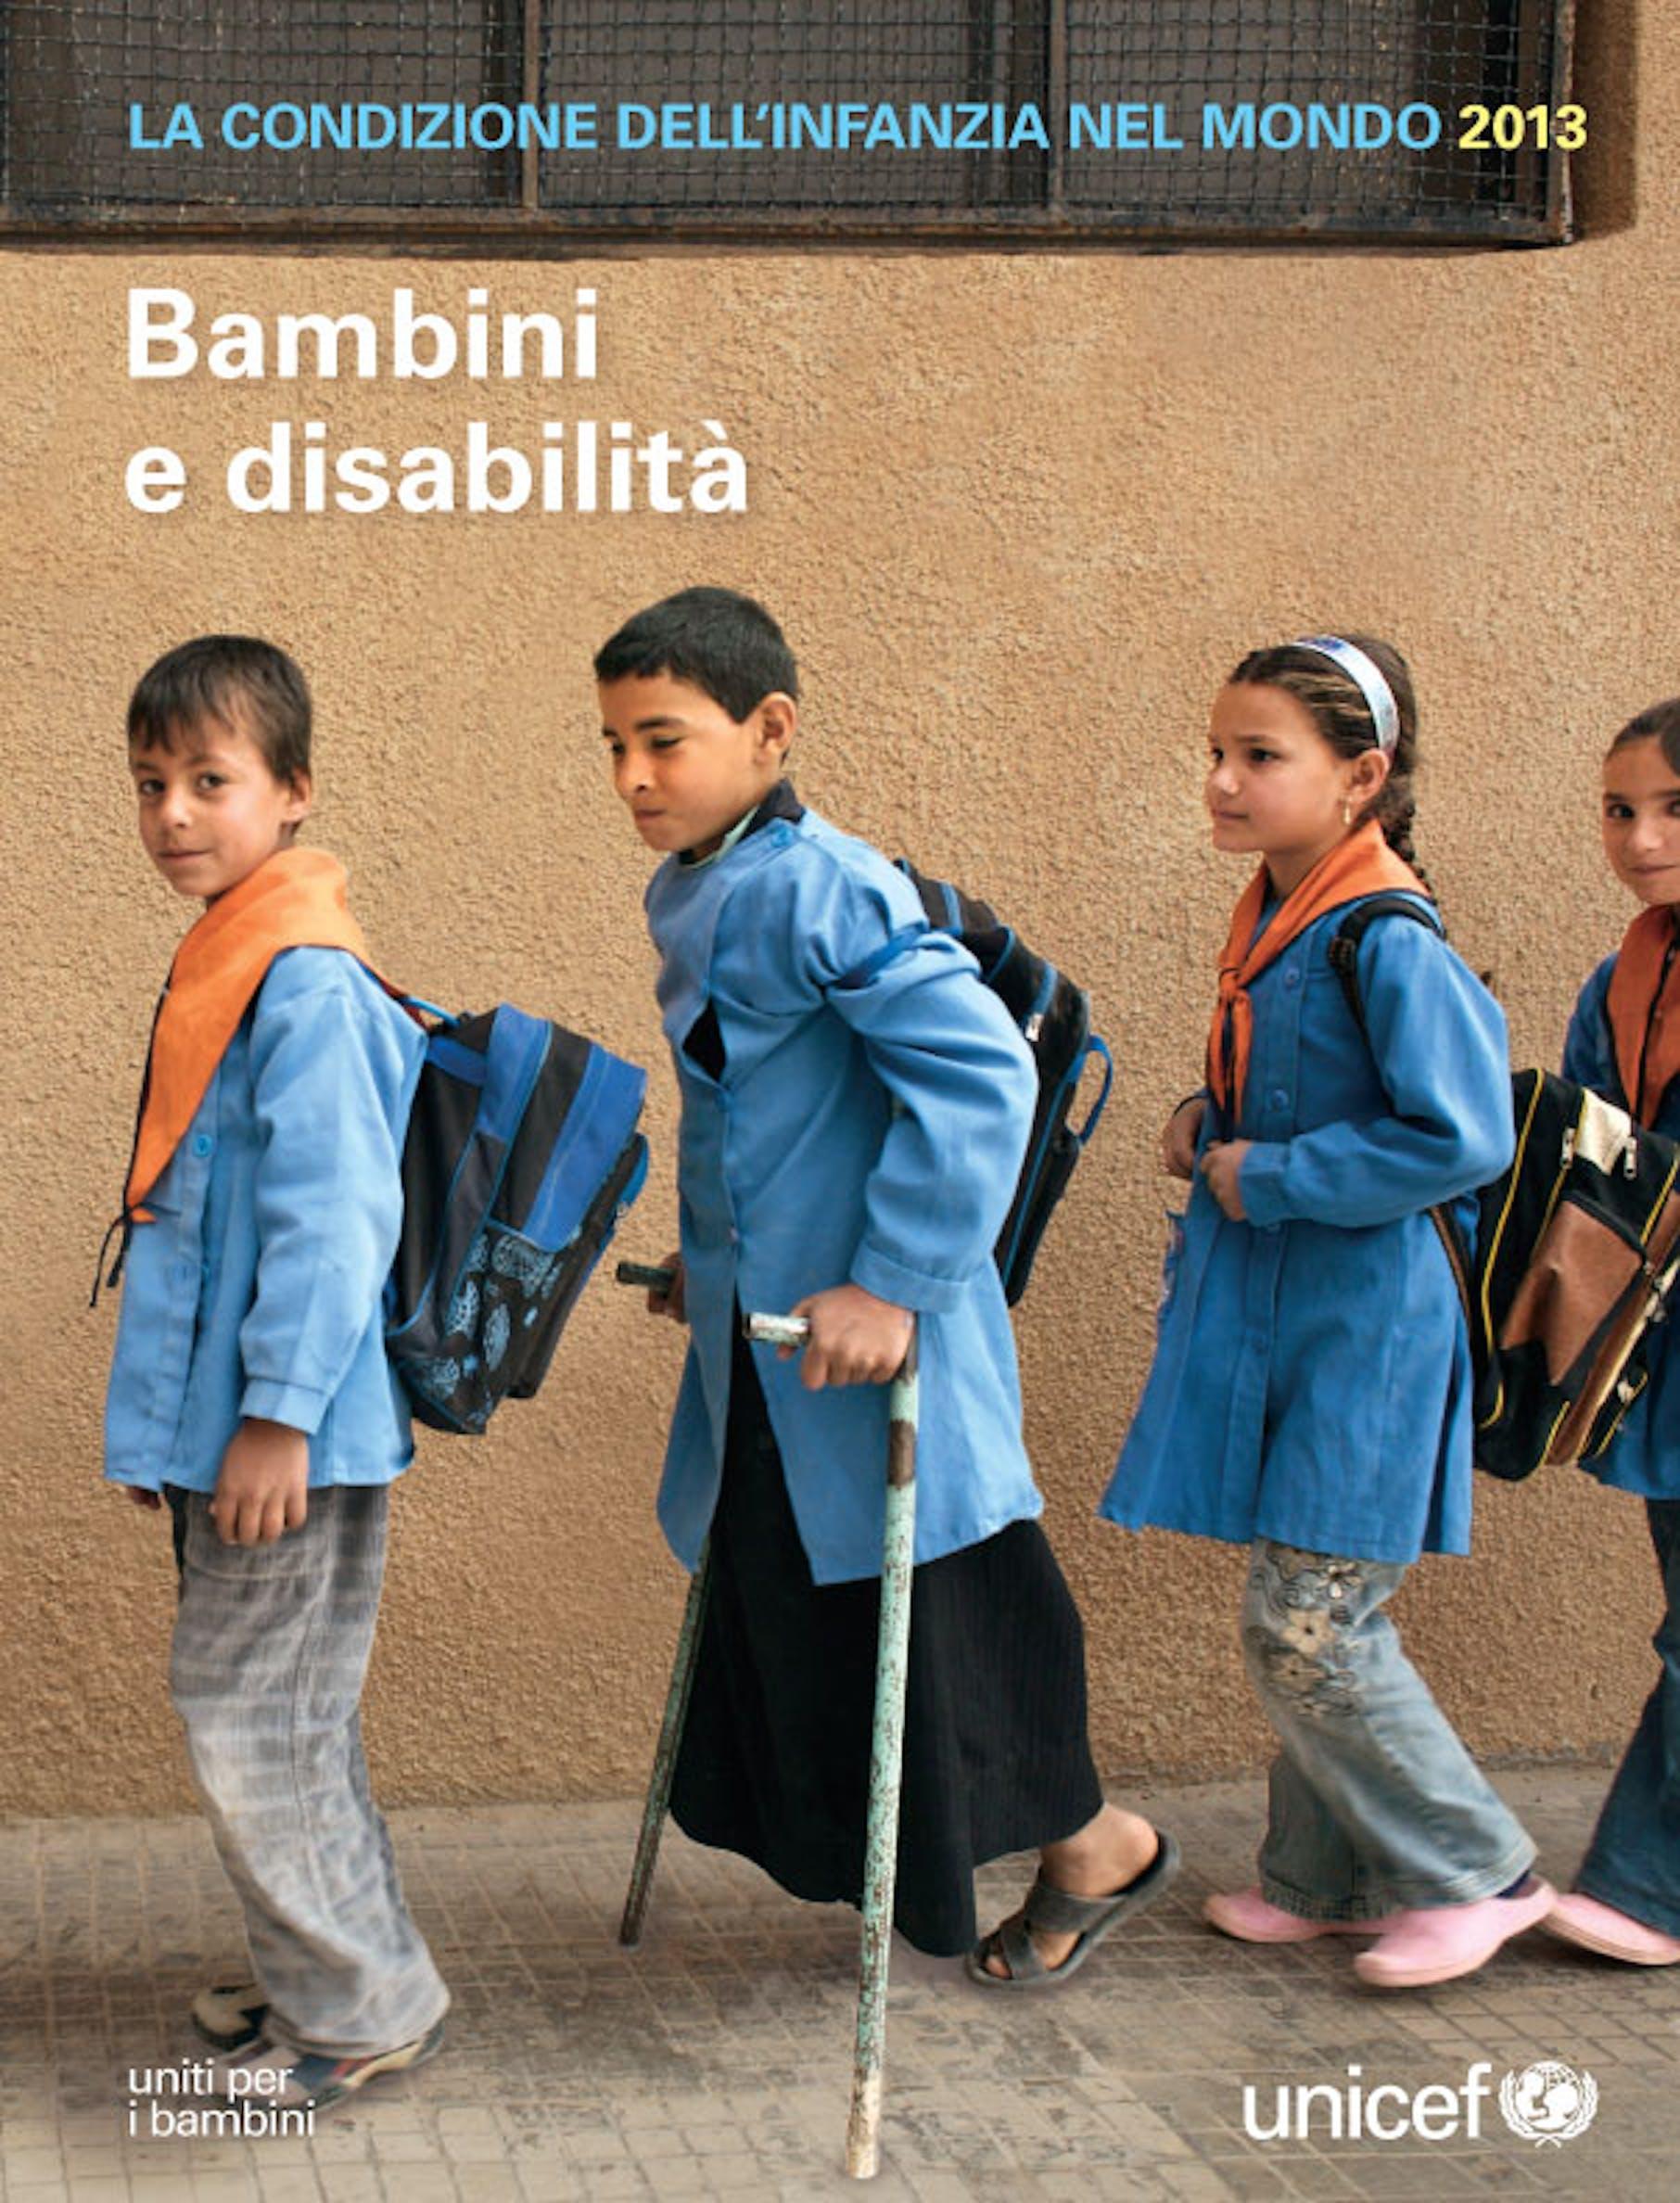 Copertina del Rapporto UNICEF ''La Condizione dell'infanzia nel mondo 2013 - Bambini e disabilità